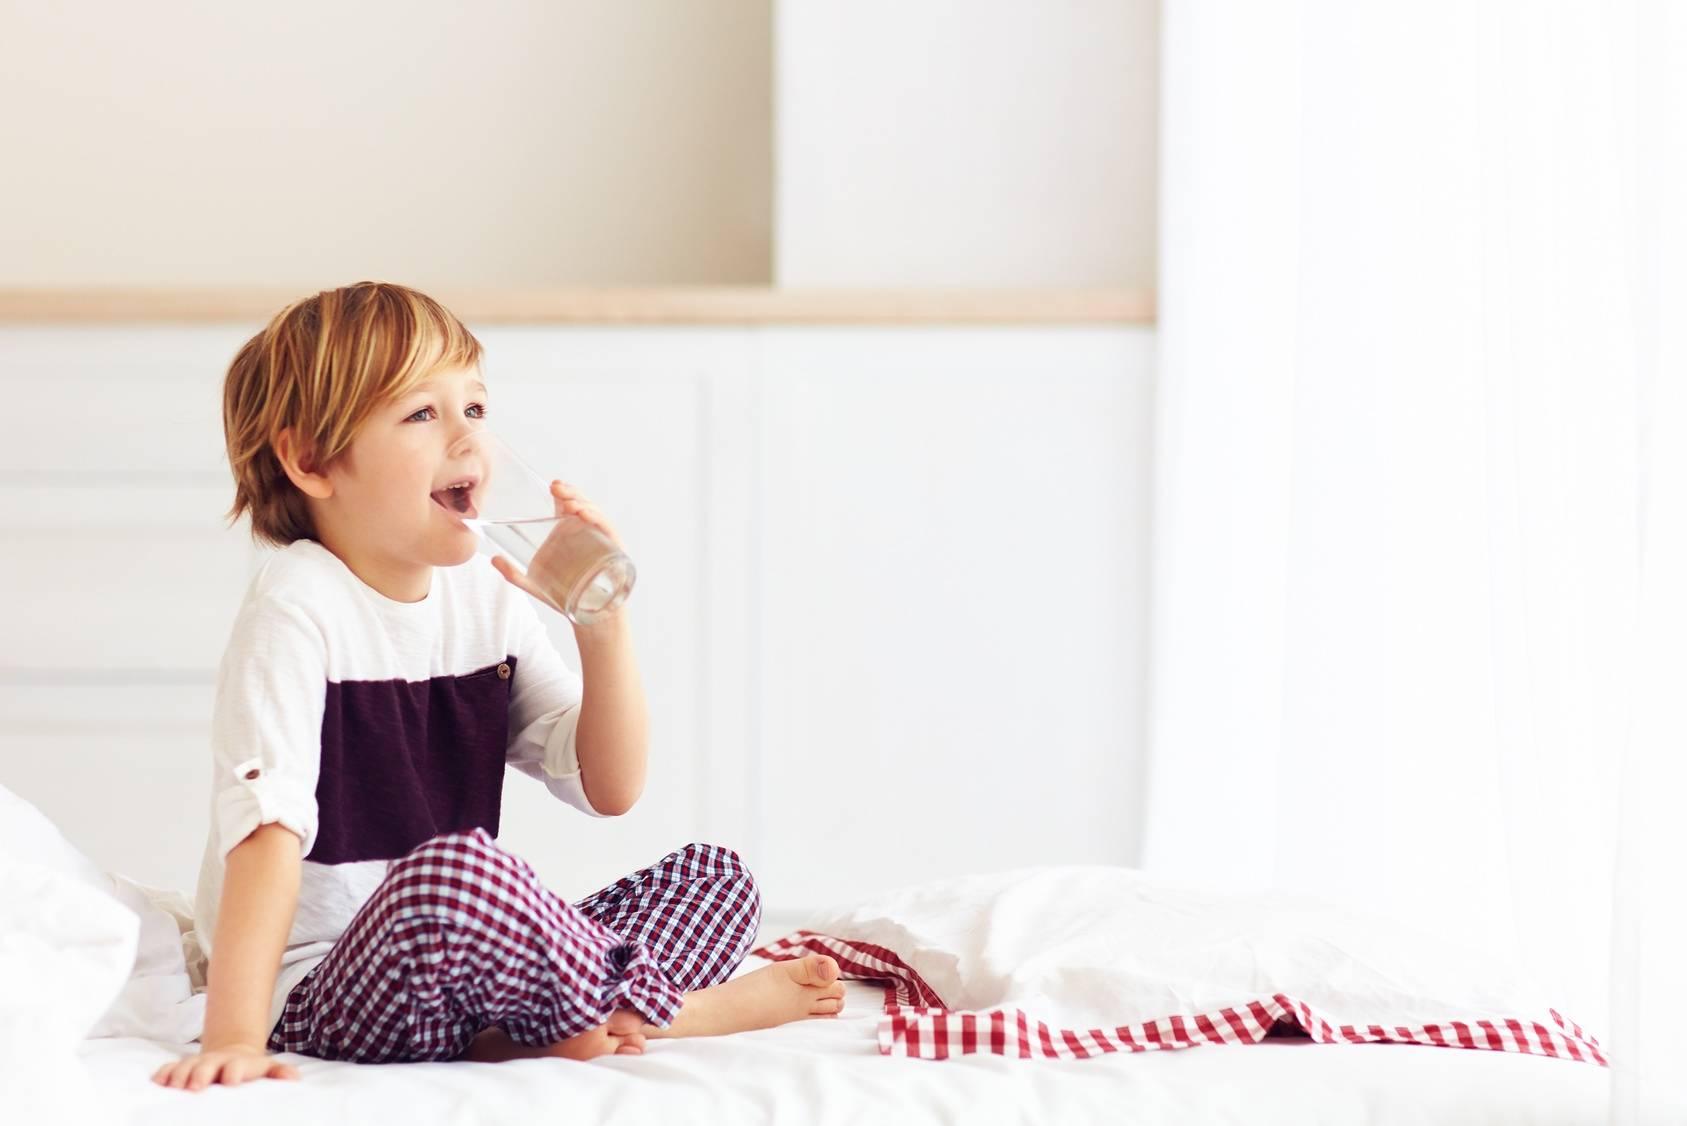 Odwodnienie u dziecka - jakie są objawy i dlaczego może być niebezpieczne?